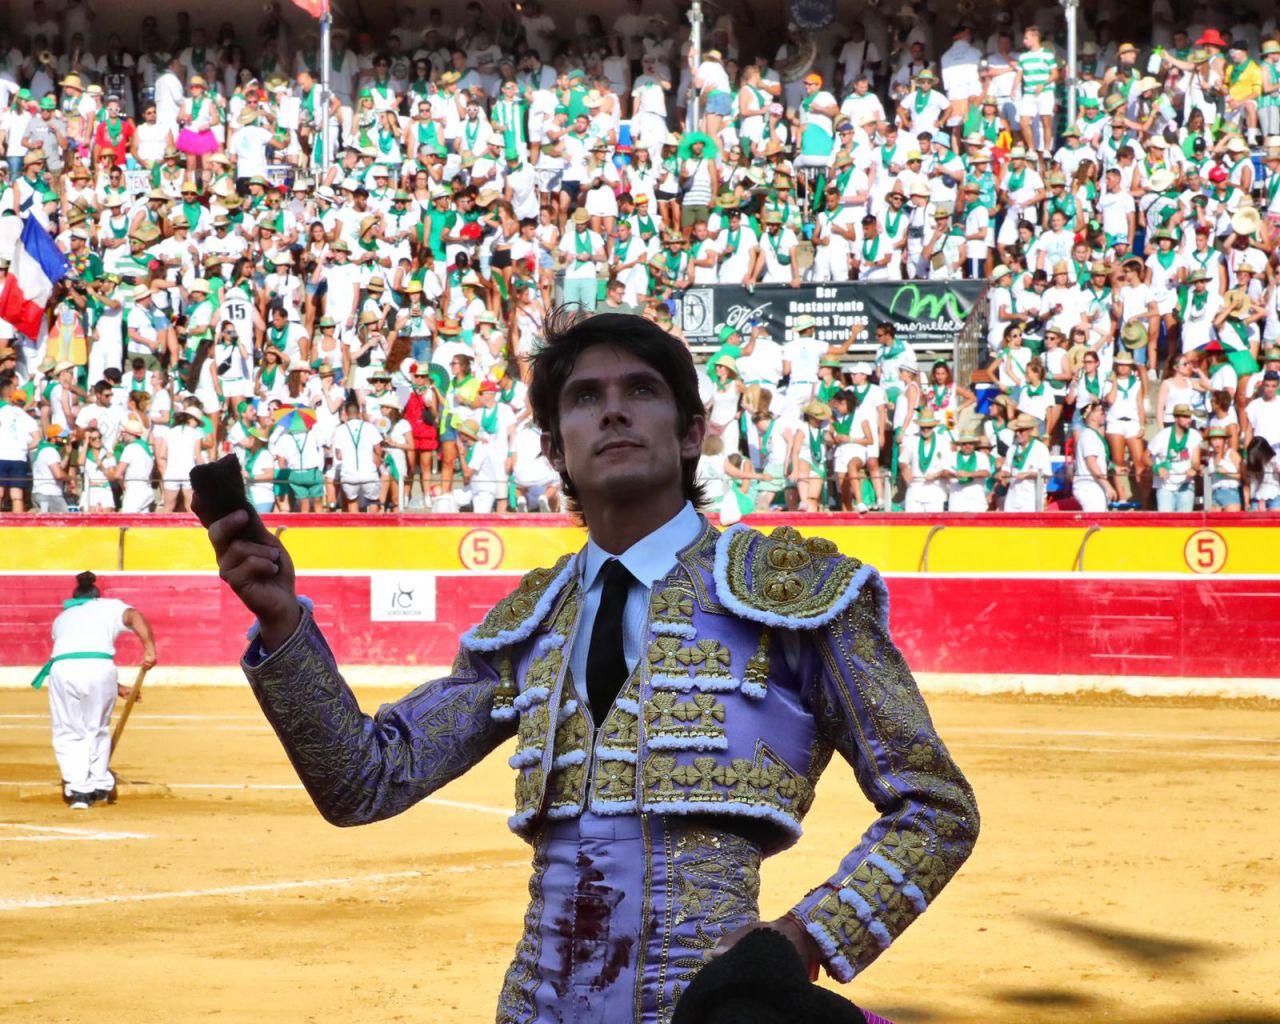 HUESCA (11-08-2019) VIDEO// SEBASTIEN CASTELLA et EMILIO DE JUSTO coupent deux oreilles chacun face aux Adolfo Martin